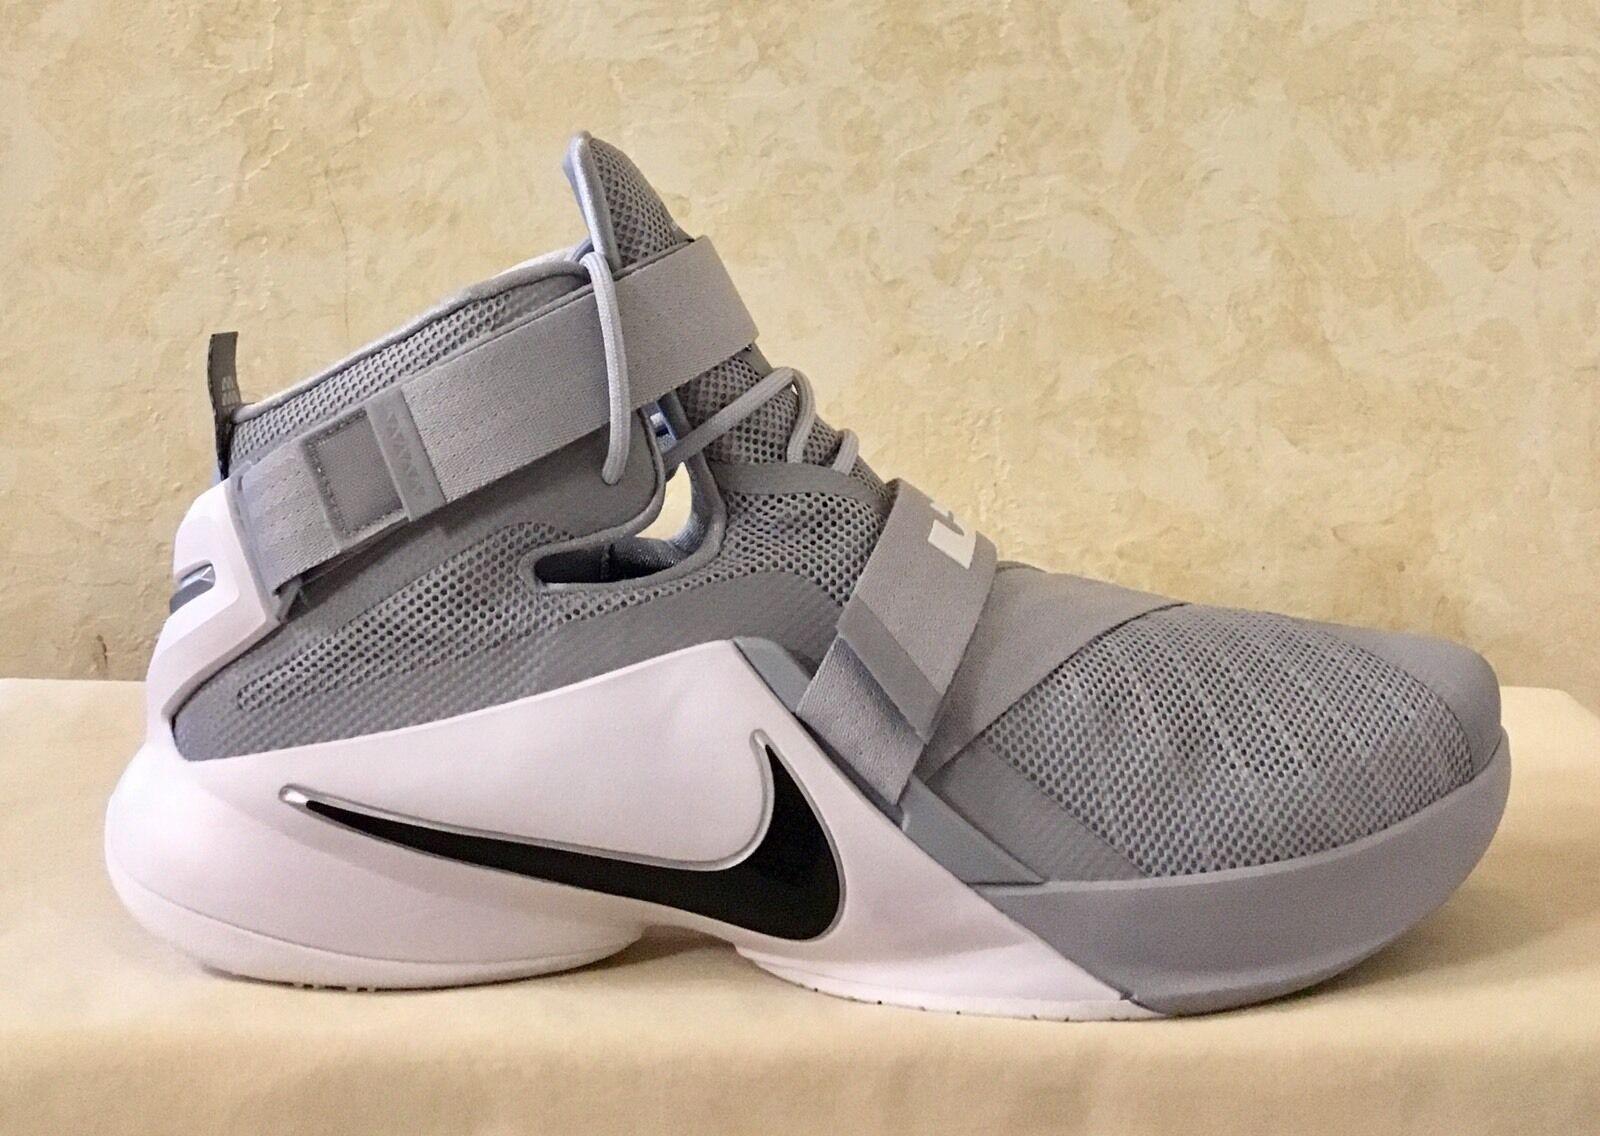 Gli uomini della nike, lebron james soldato ix tbc, scarpe da basket grigio / bianco 813264 001